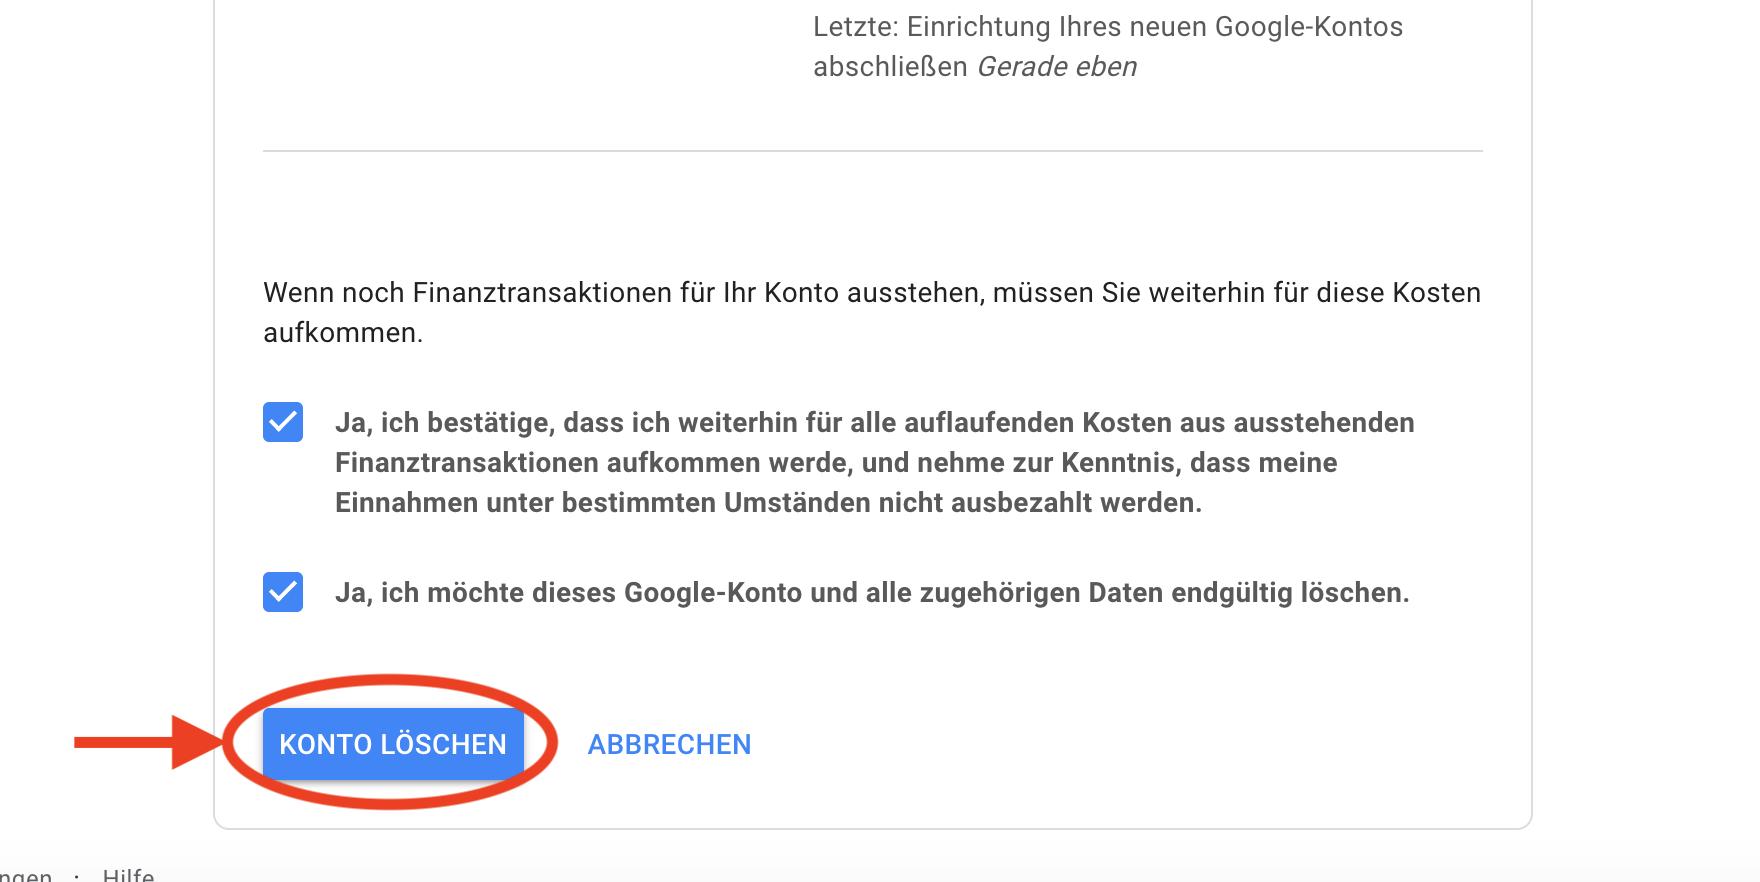 Google Konto löschen letzter Schritt